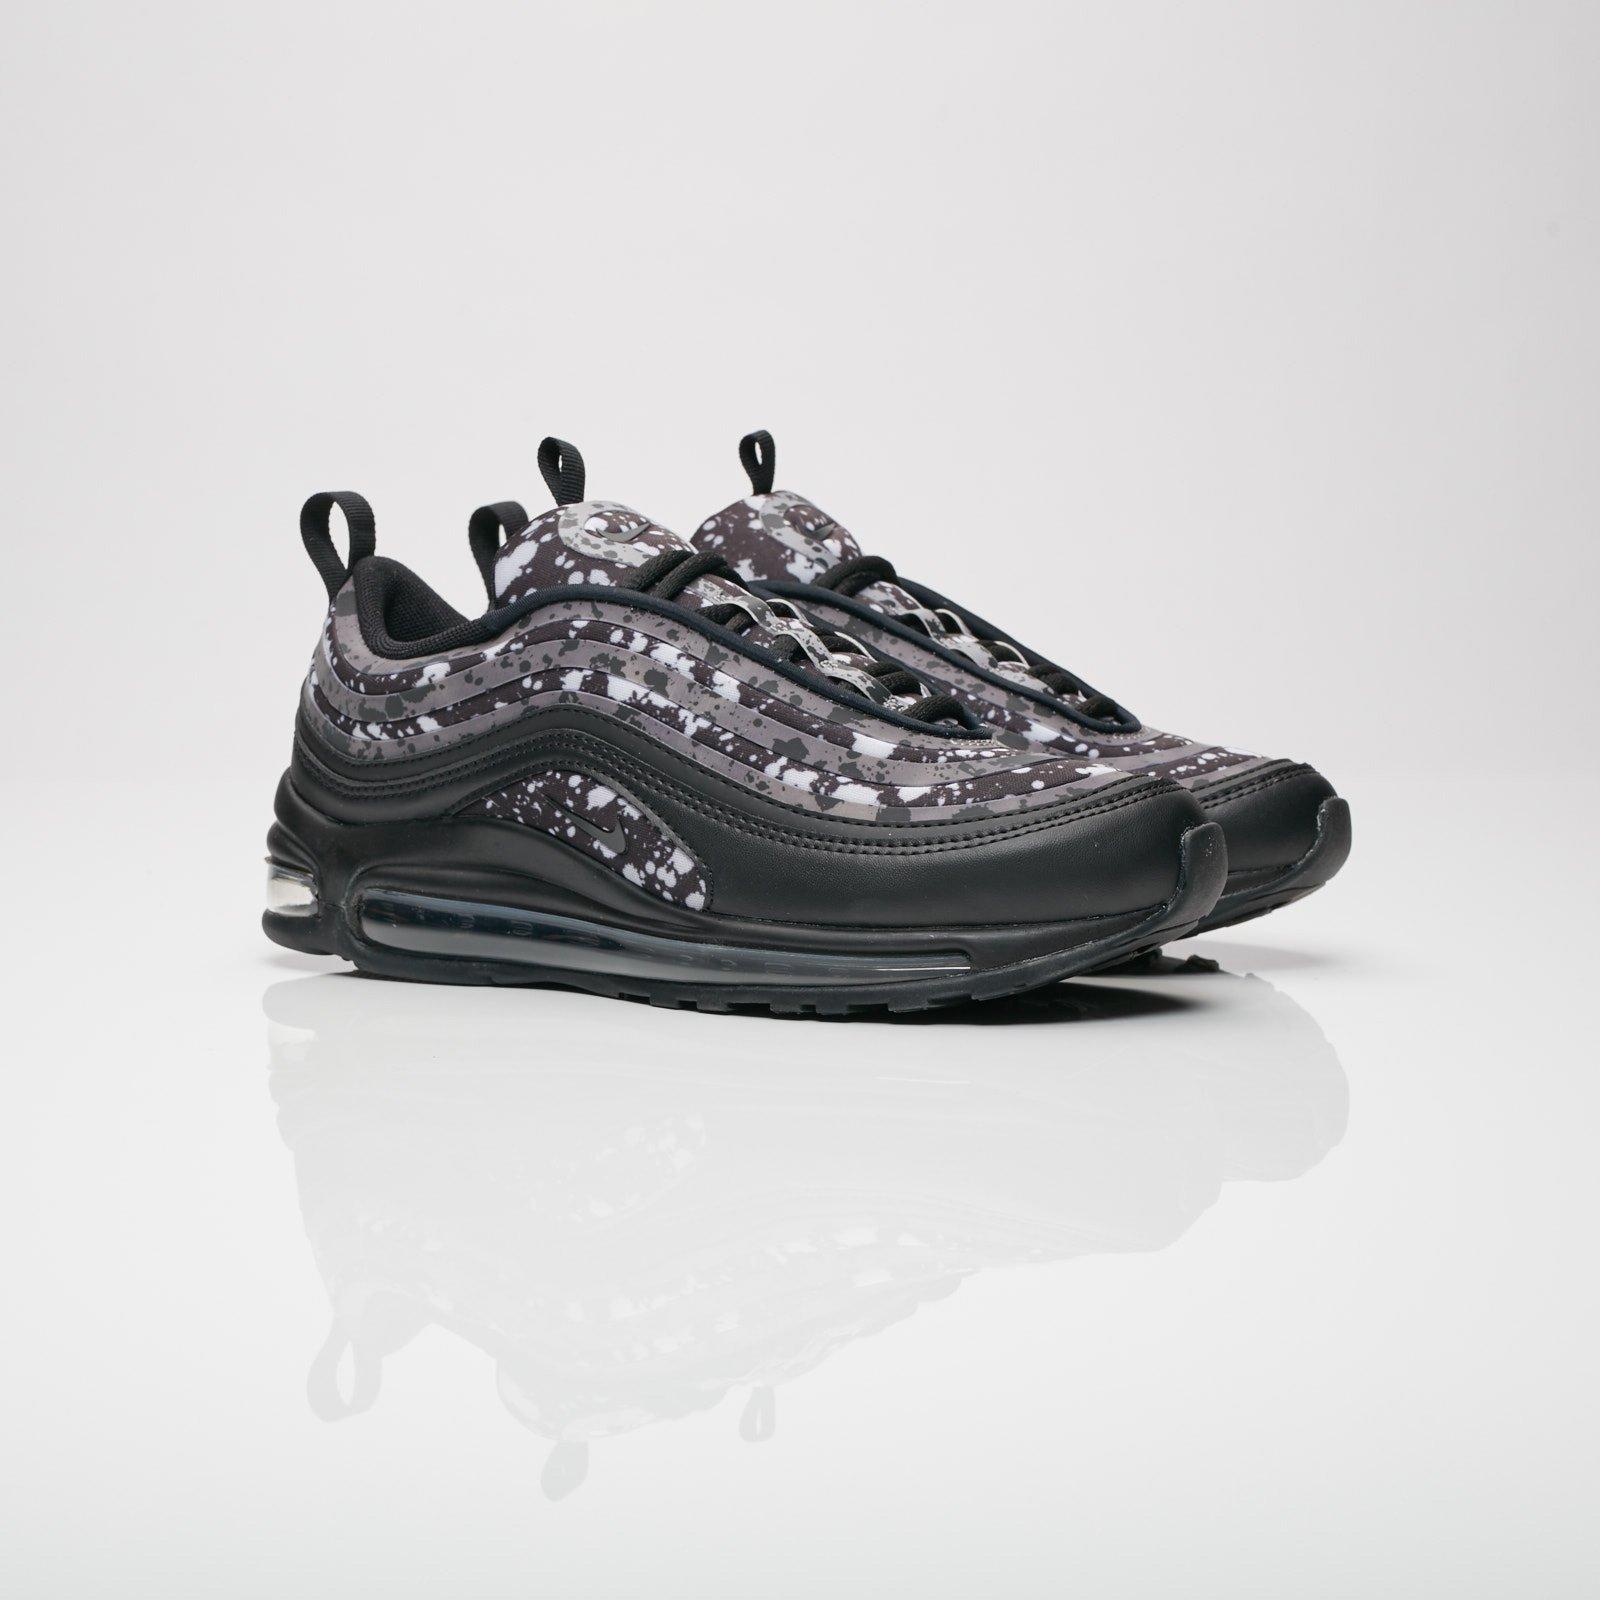 Nike Wmns Air Max 97 UL 17 PRM - Ao2325